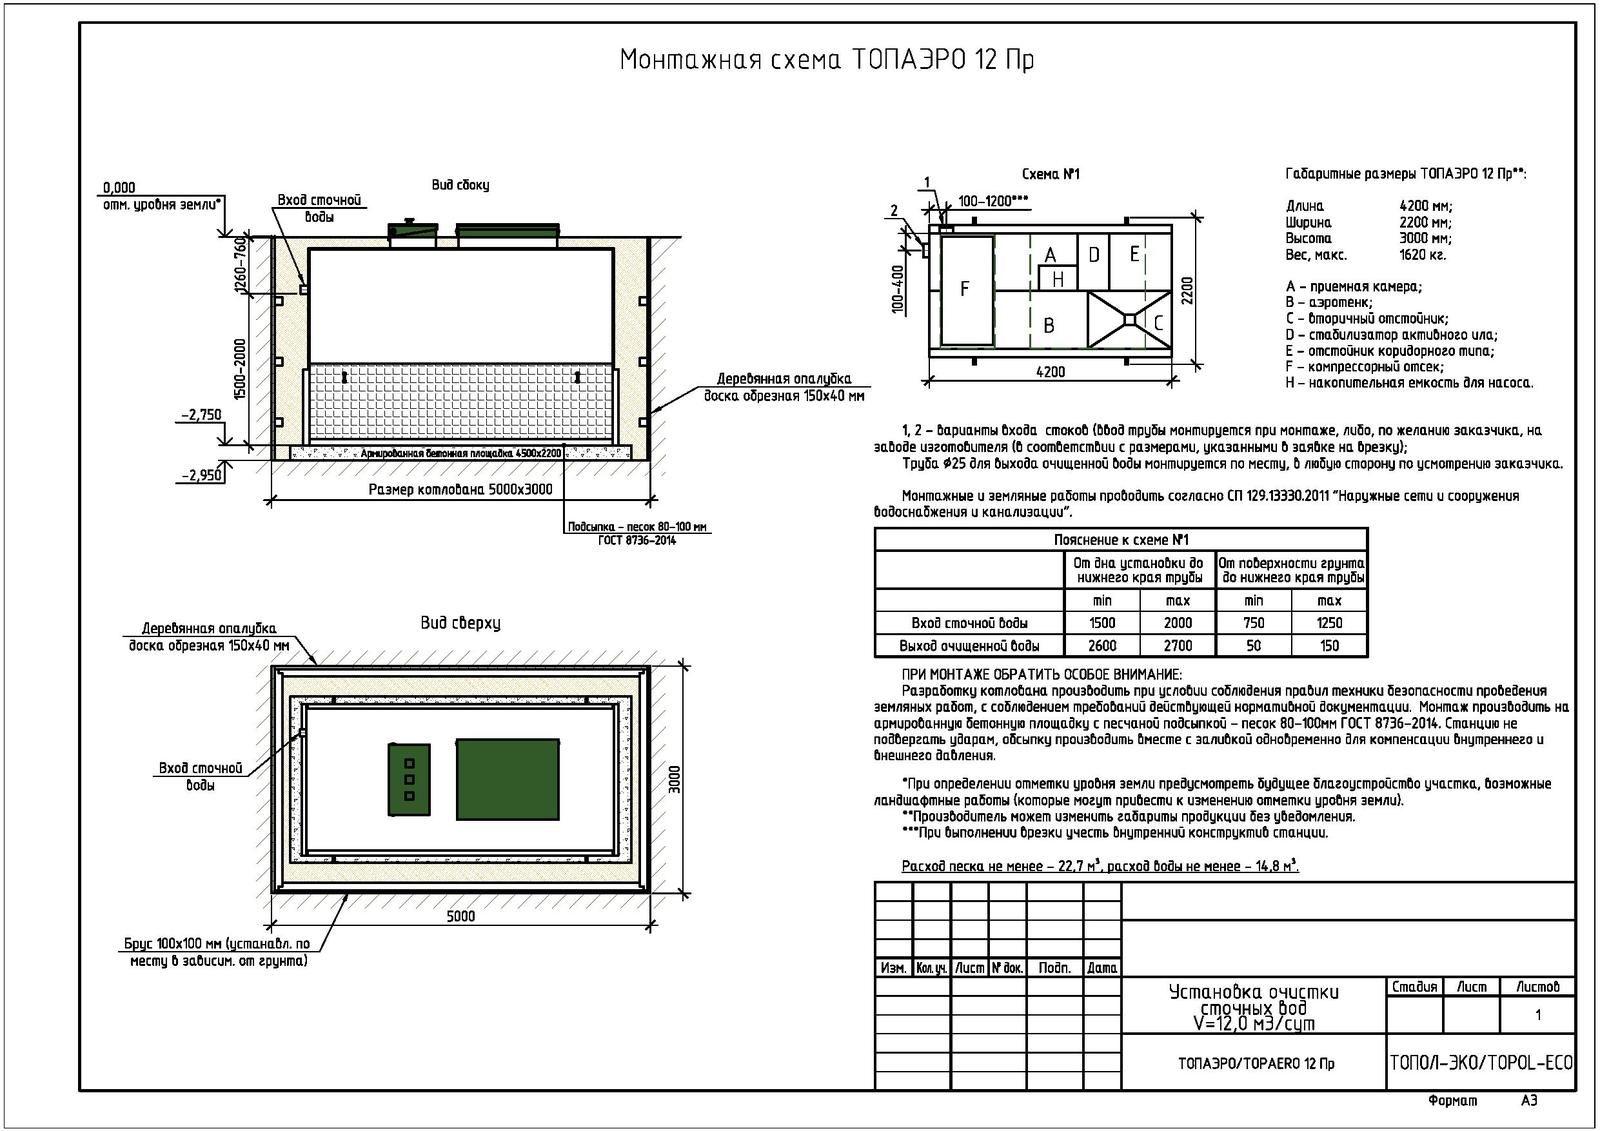 Монтажная схема септика Топаэро 12 ПР